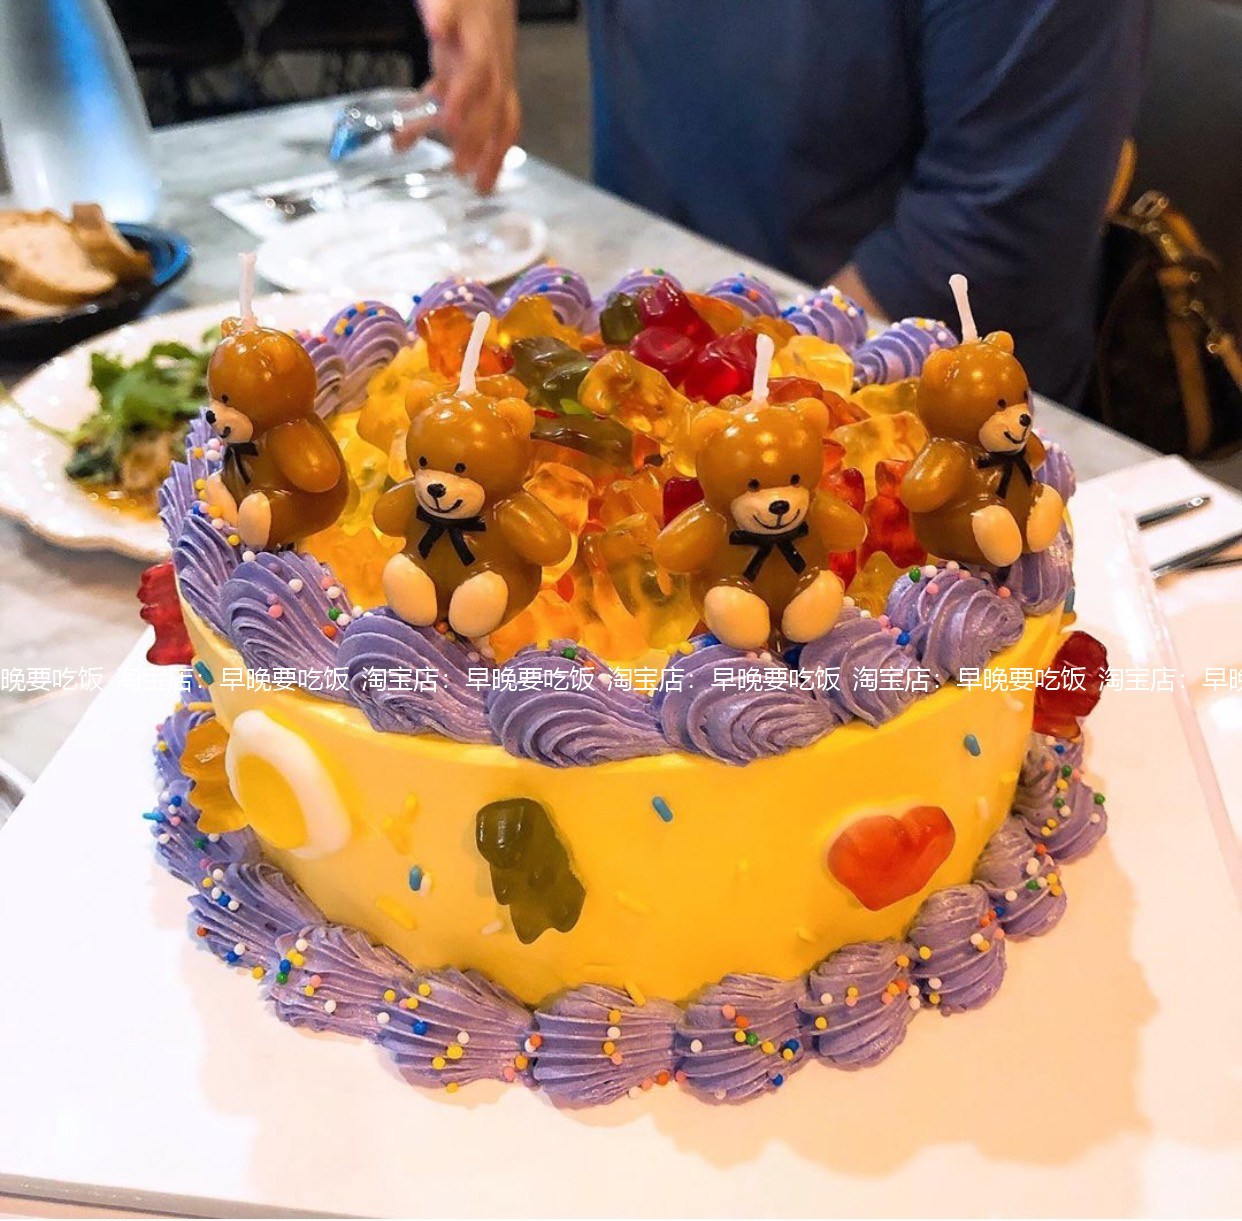 곰돌이 초 9개세트 주문케이크 장식 캐릭터 양초 생일 이벤트용품 캔들, 갈색 곰 9마리개, 1